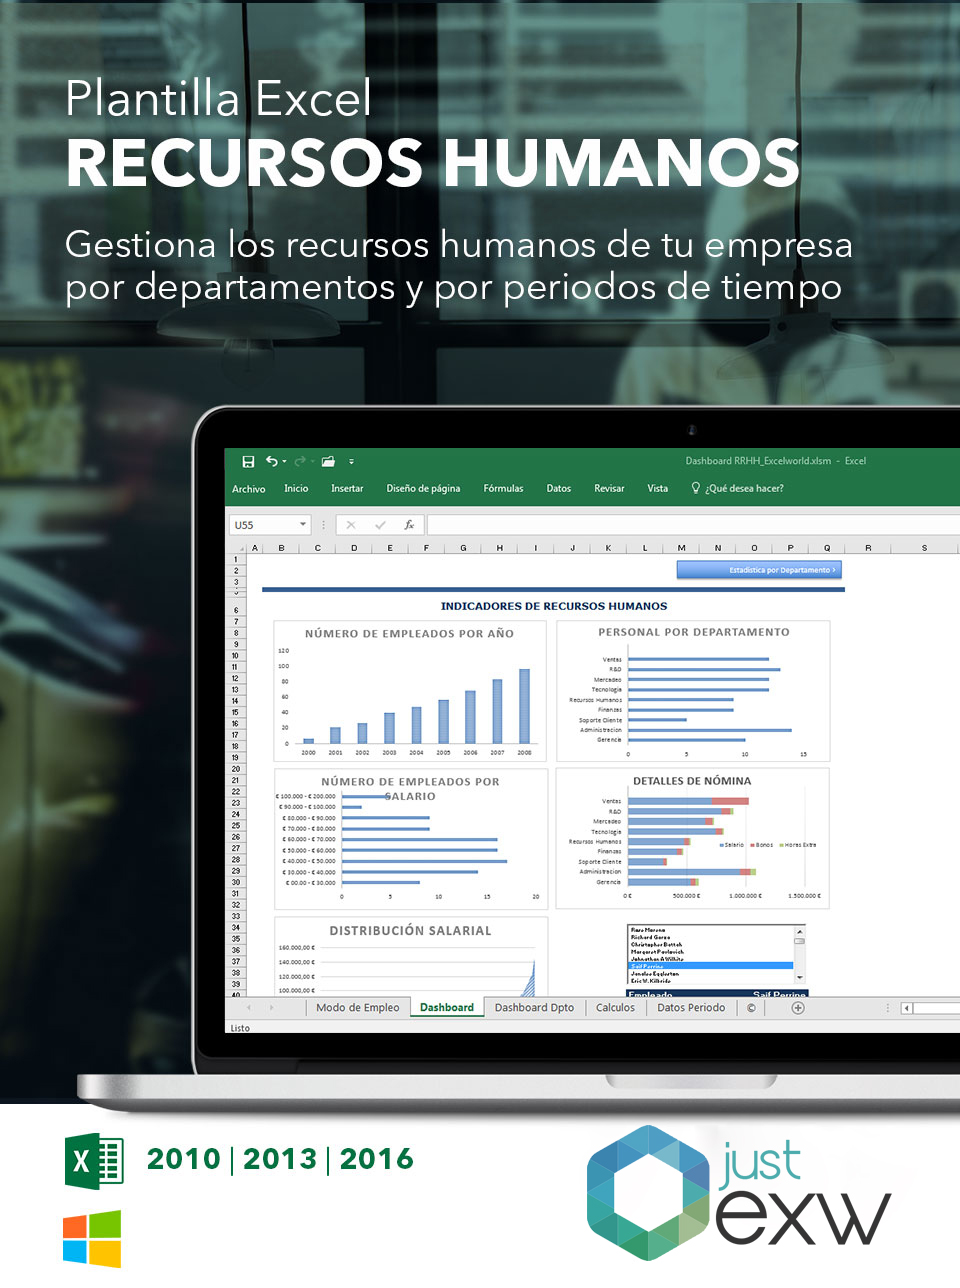 Dashboard Premium Recursos Humanos | Just EXW